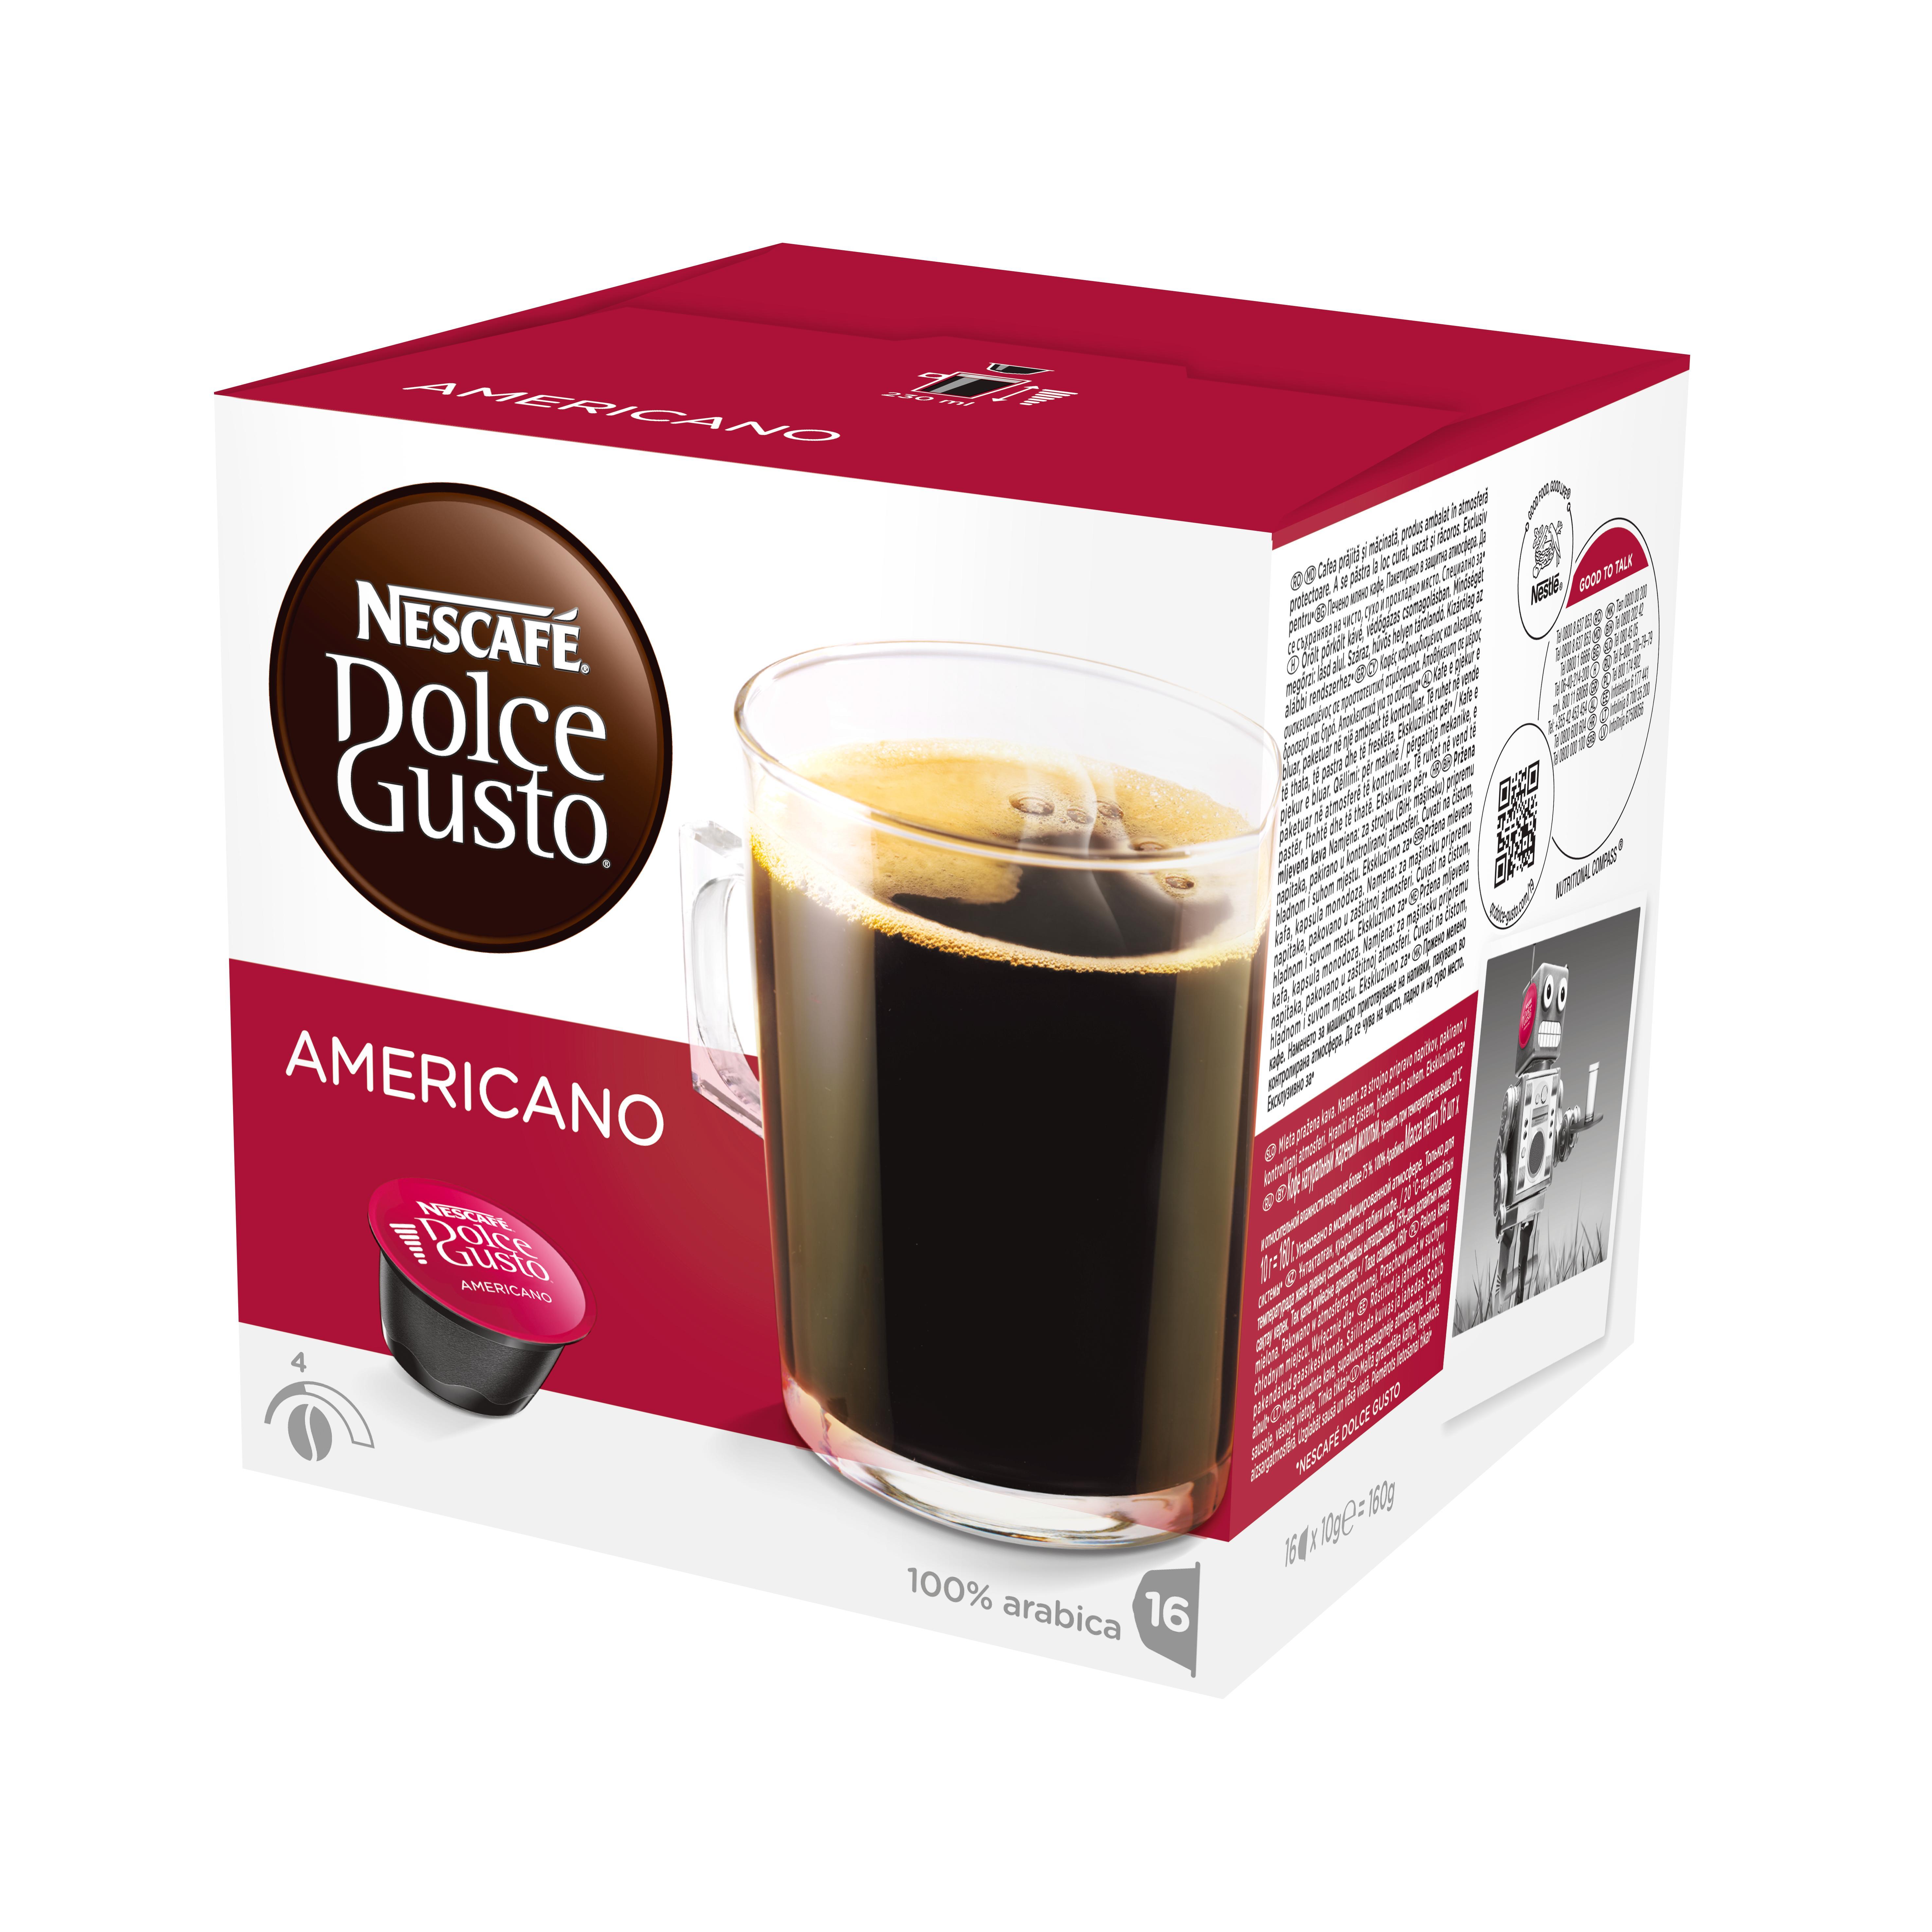 Кофе в капсулах Dolce Gusto Americano, 16 кап.Кофе, какао<br>Кофе в капсулах NESCAFE Dolce Gusto Caffe Americano &amp;#40;Нескафе Дольче Густо Каффе Американо&amp;#41;. Изысканно мягкий вкус кофе Американо превосходен в любое время дня. Благодаря тщательному отбору зерен и легкой обжарке этот сорт мягче, чем Лунго. С молоком или без молока, кофе Американо вкуснее всего пить из большой чашки.<br><br>Американо- это большая чашка классическое кофе, обладающего мягким вкусом и ароматом. <br>СОСТАВ: кофе натуральный жареный молотый<br><br>Тип: кофе в капсулах